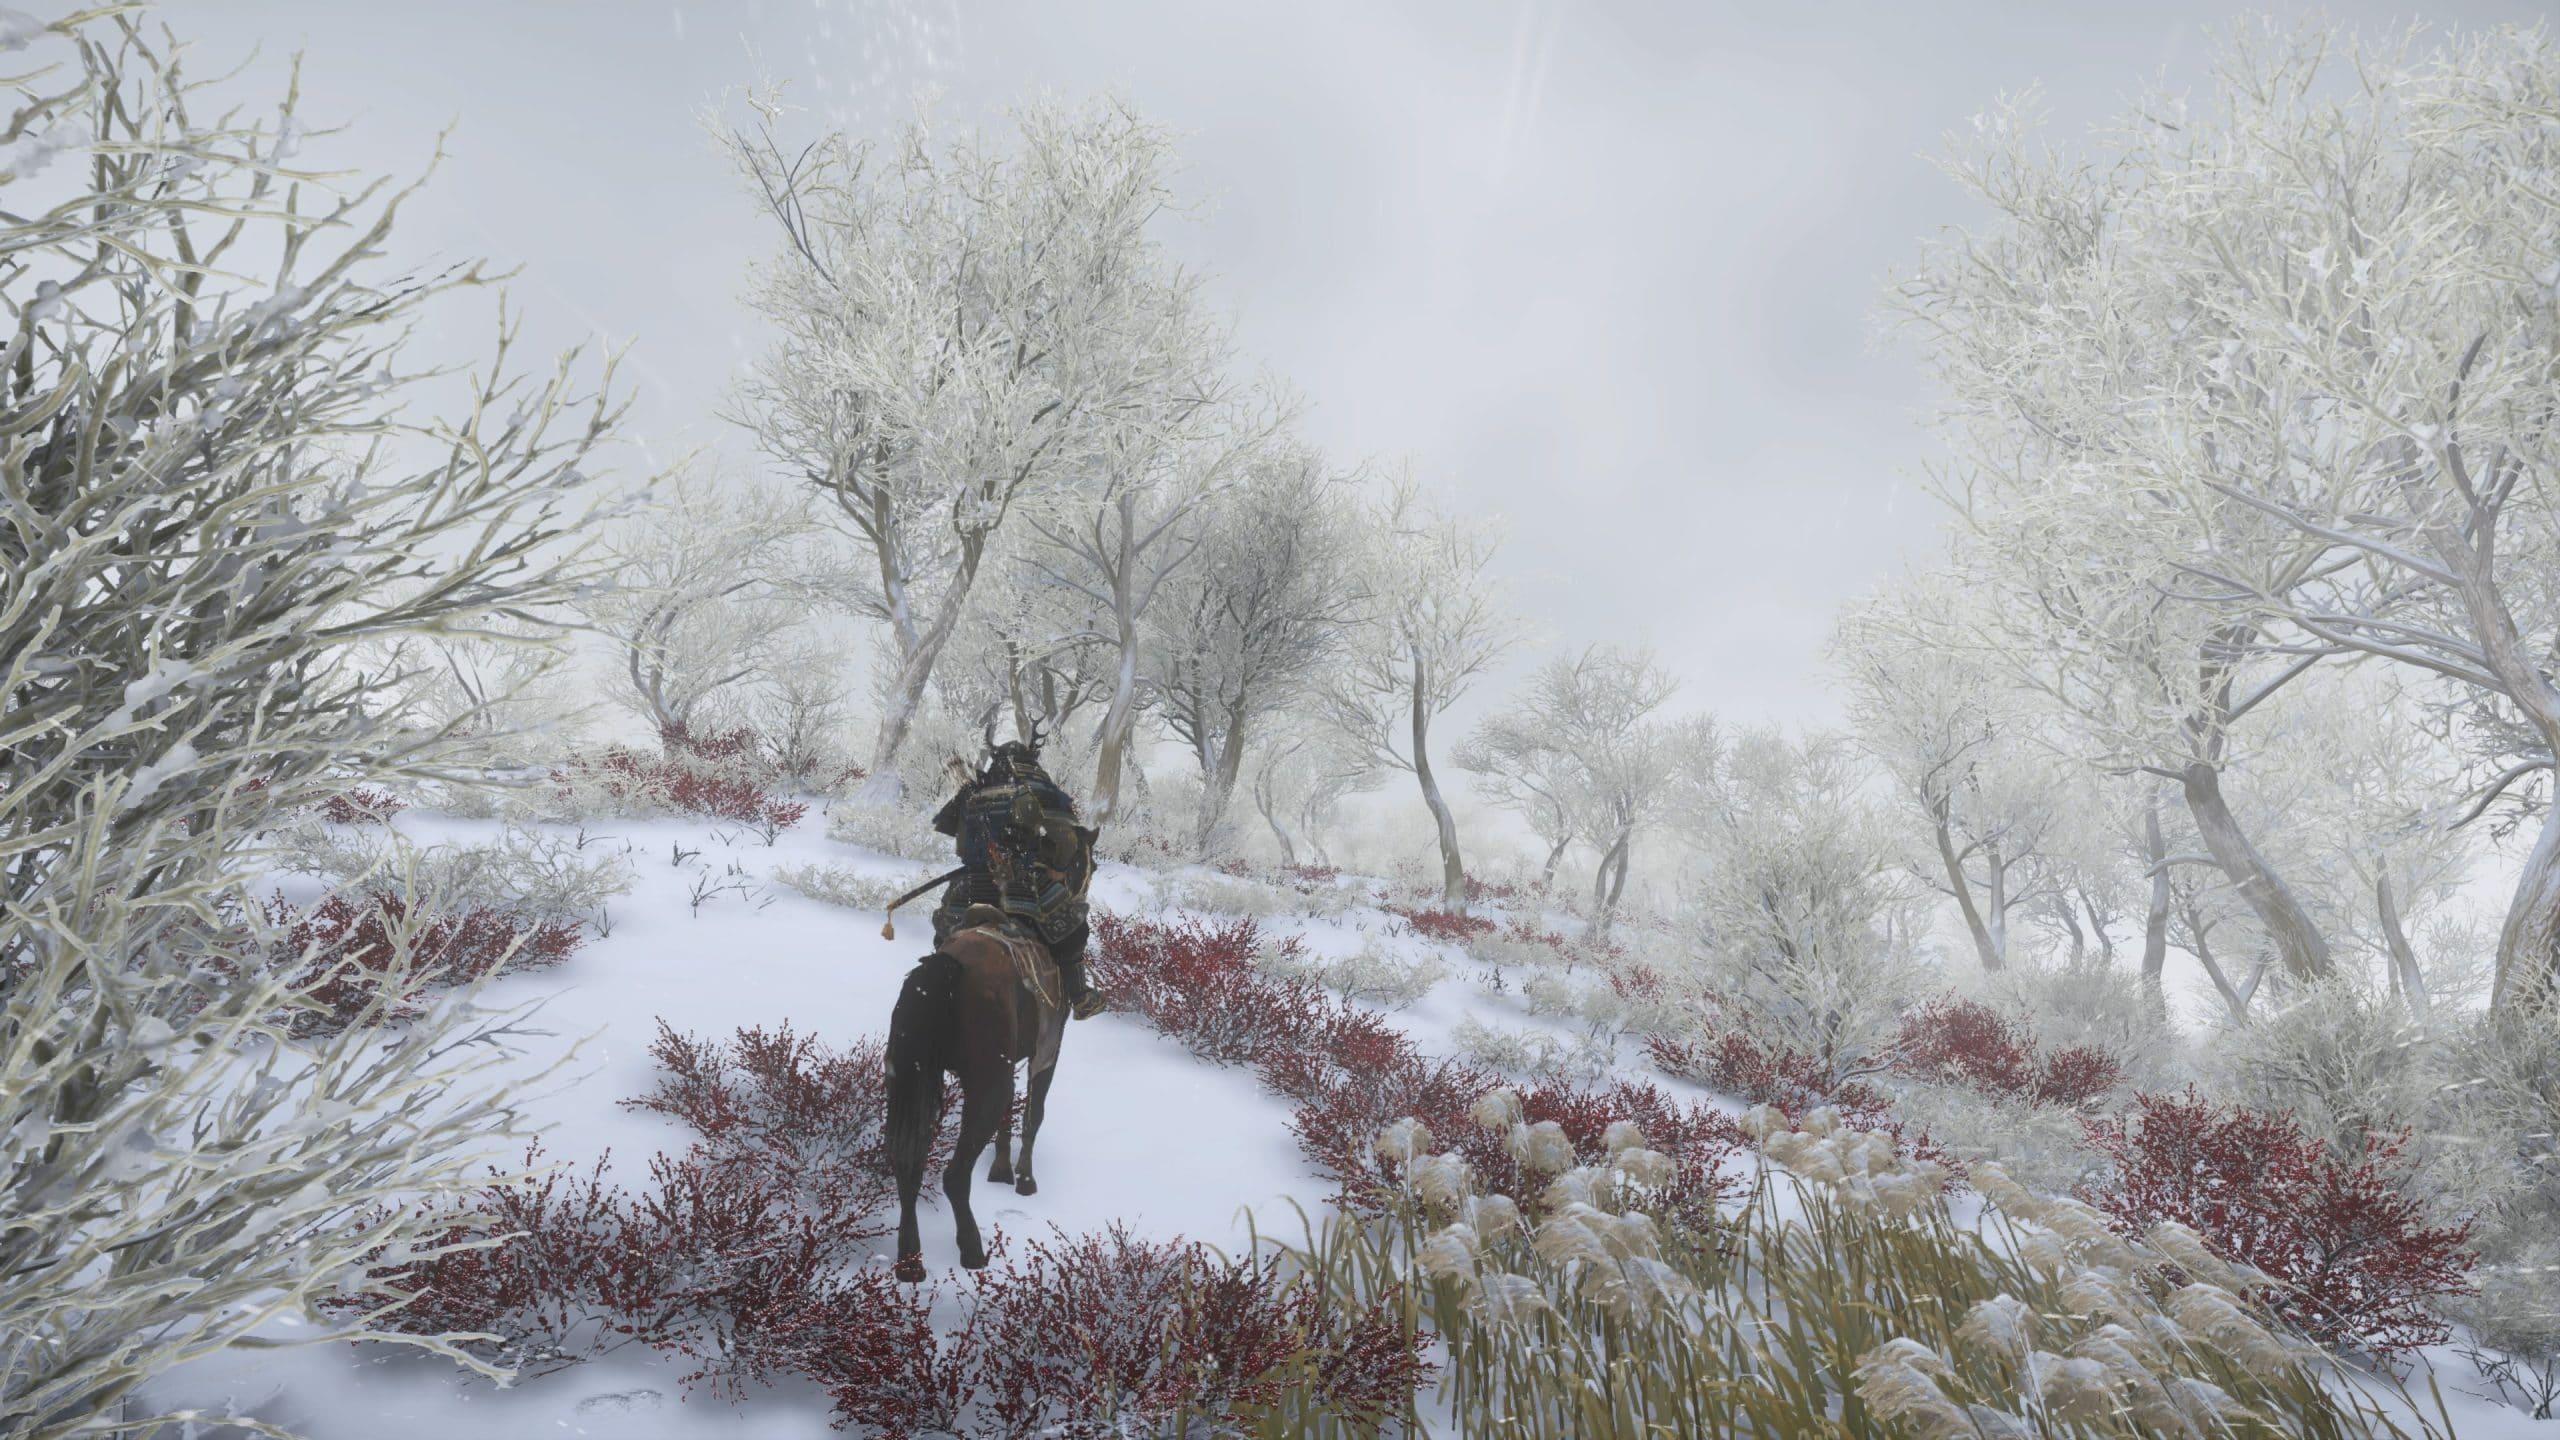 Variações climáticas e cenários do jogo são impressionantes (Foto: Reprodução/Thiago Barros)